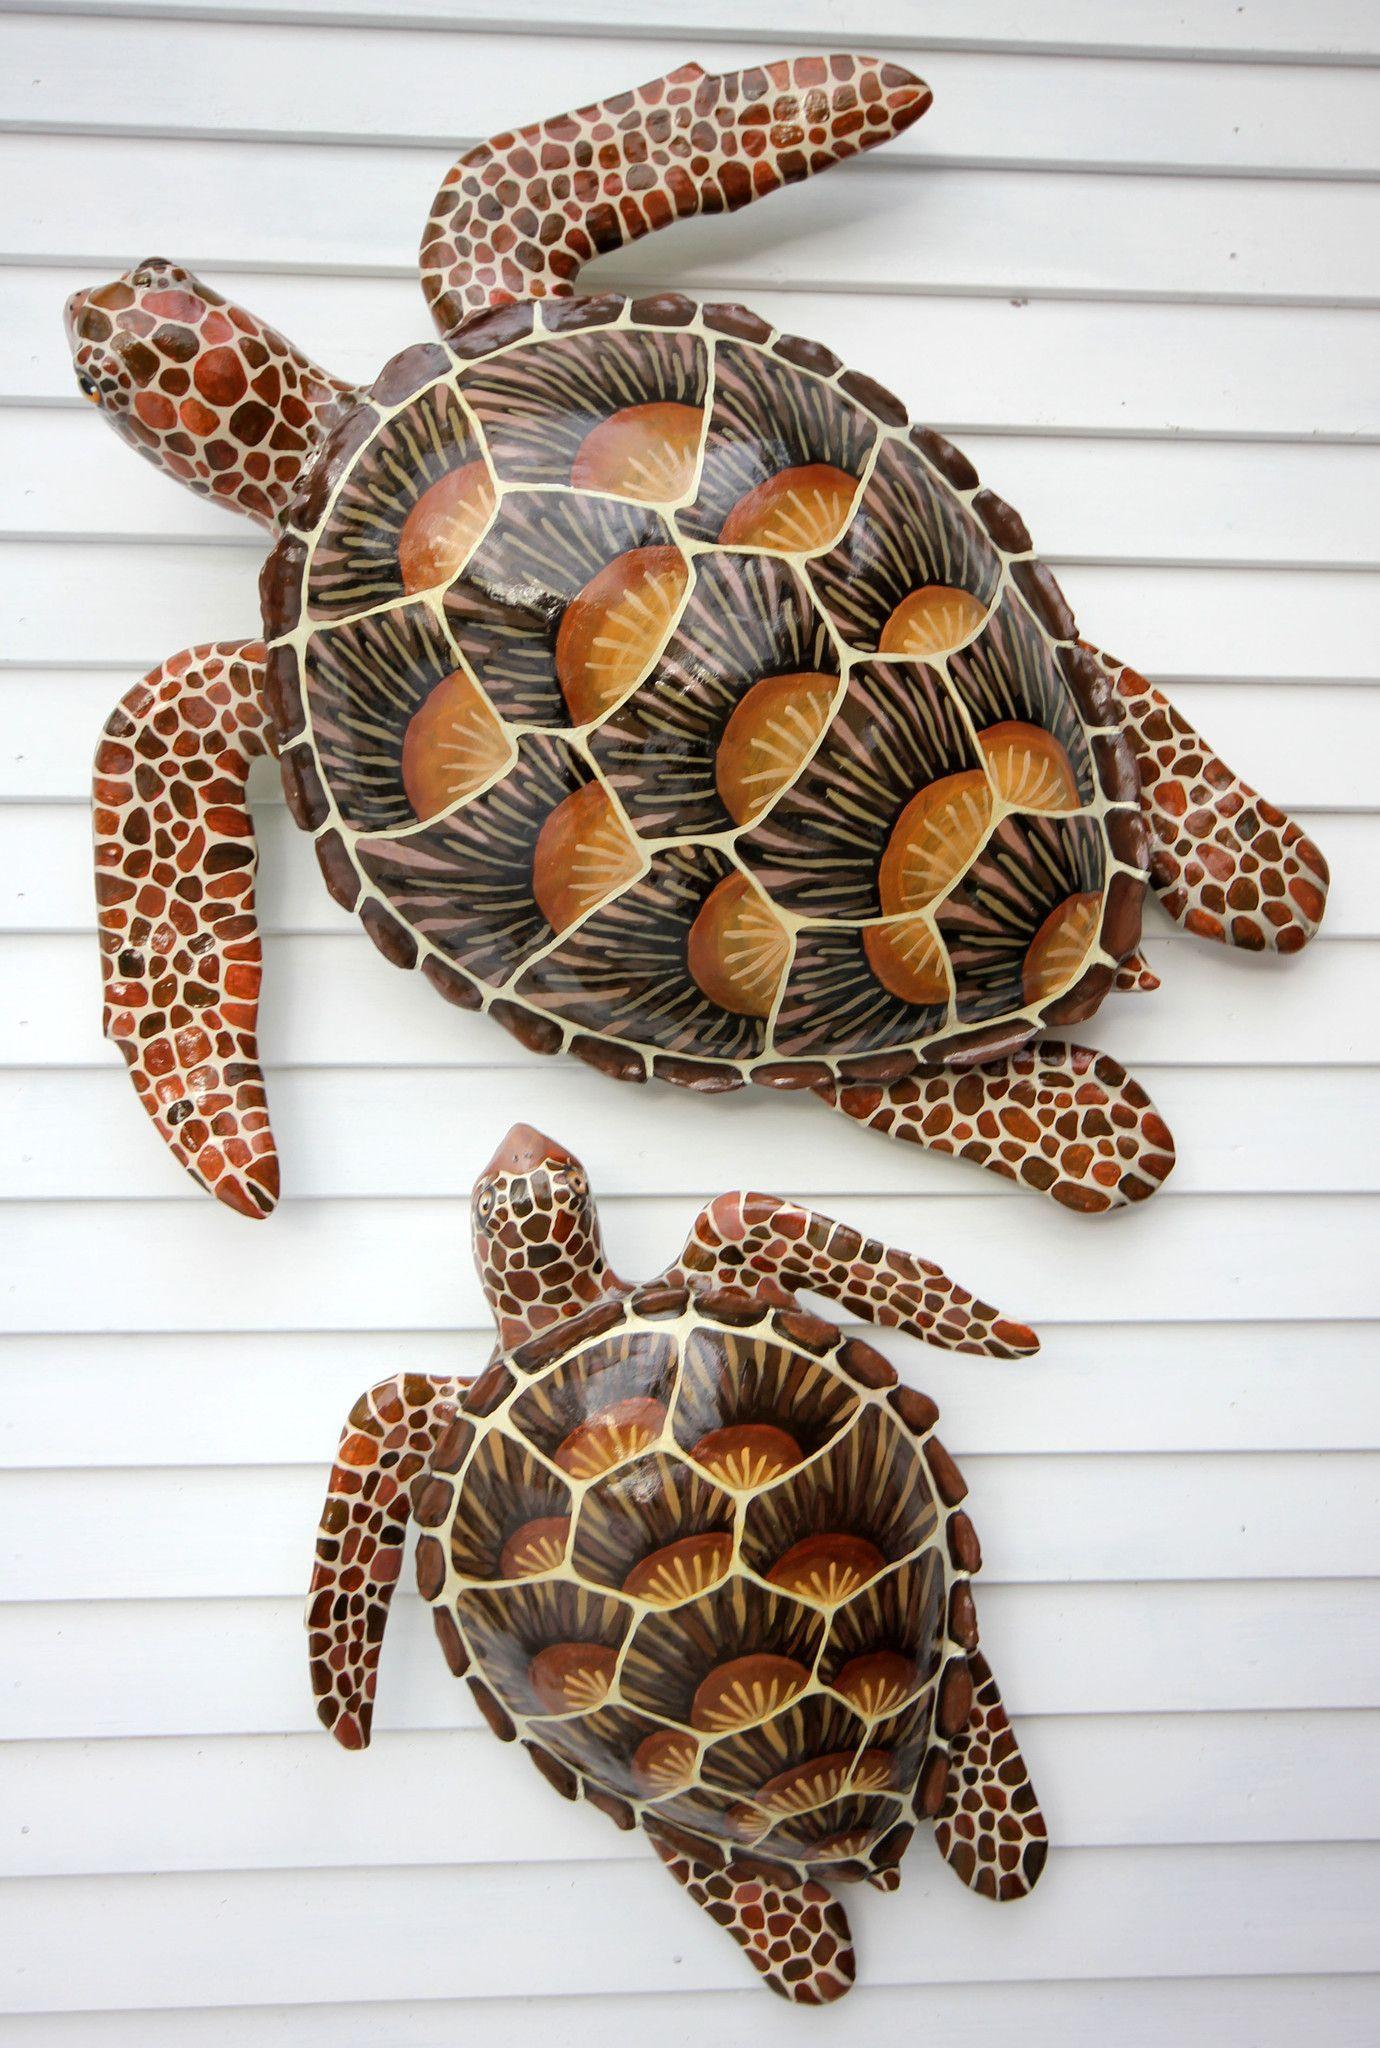 для картинки и поделки черепах мыслям сдавайся, ведь